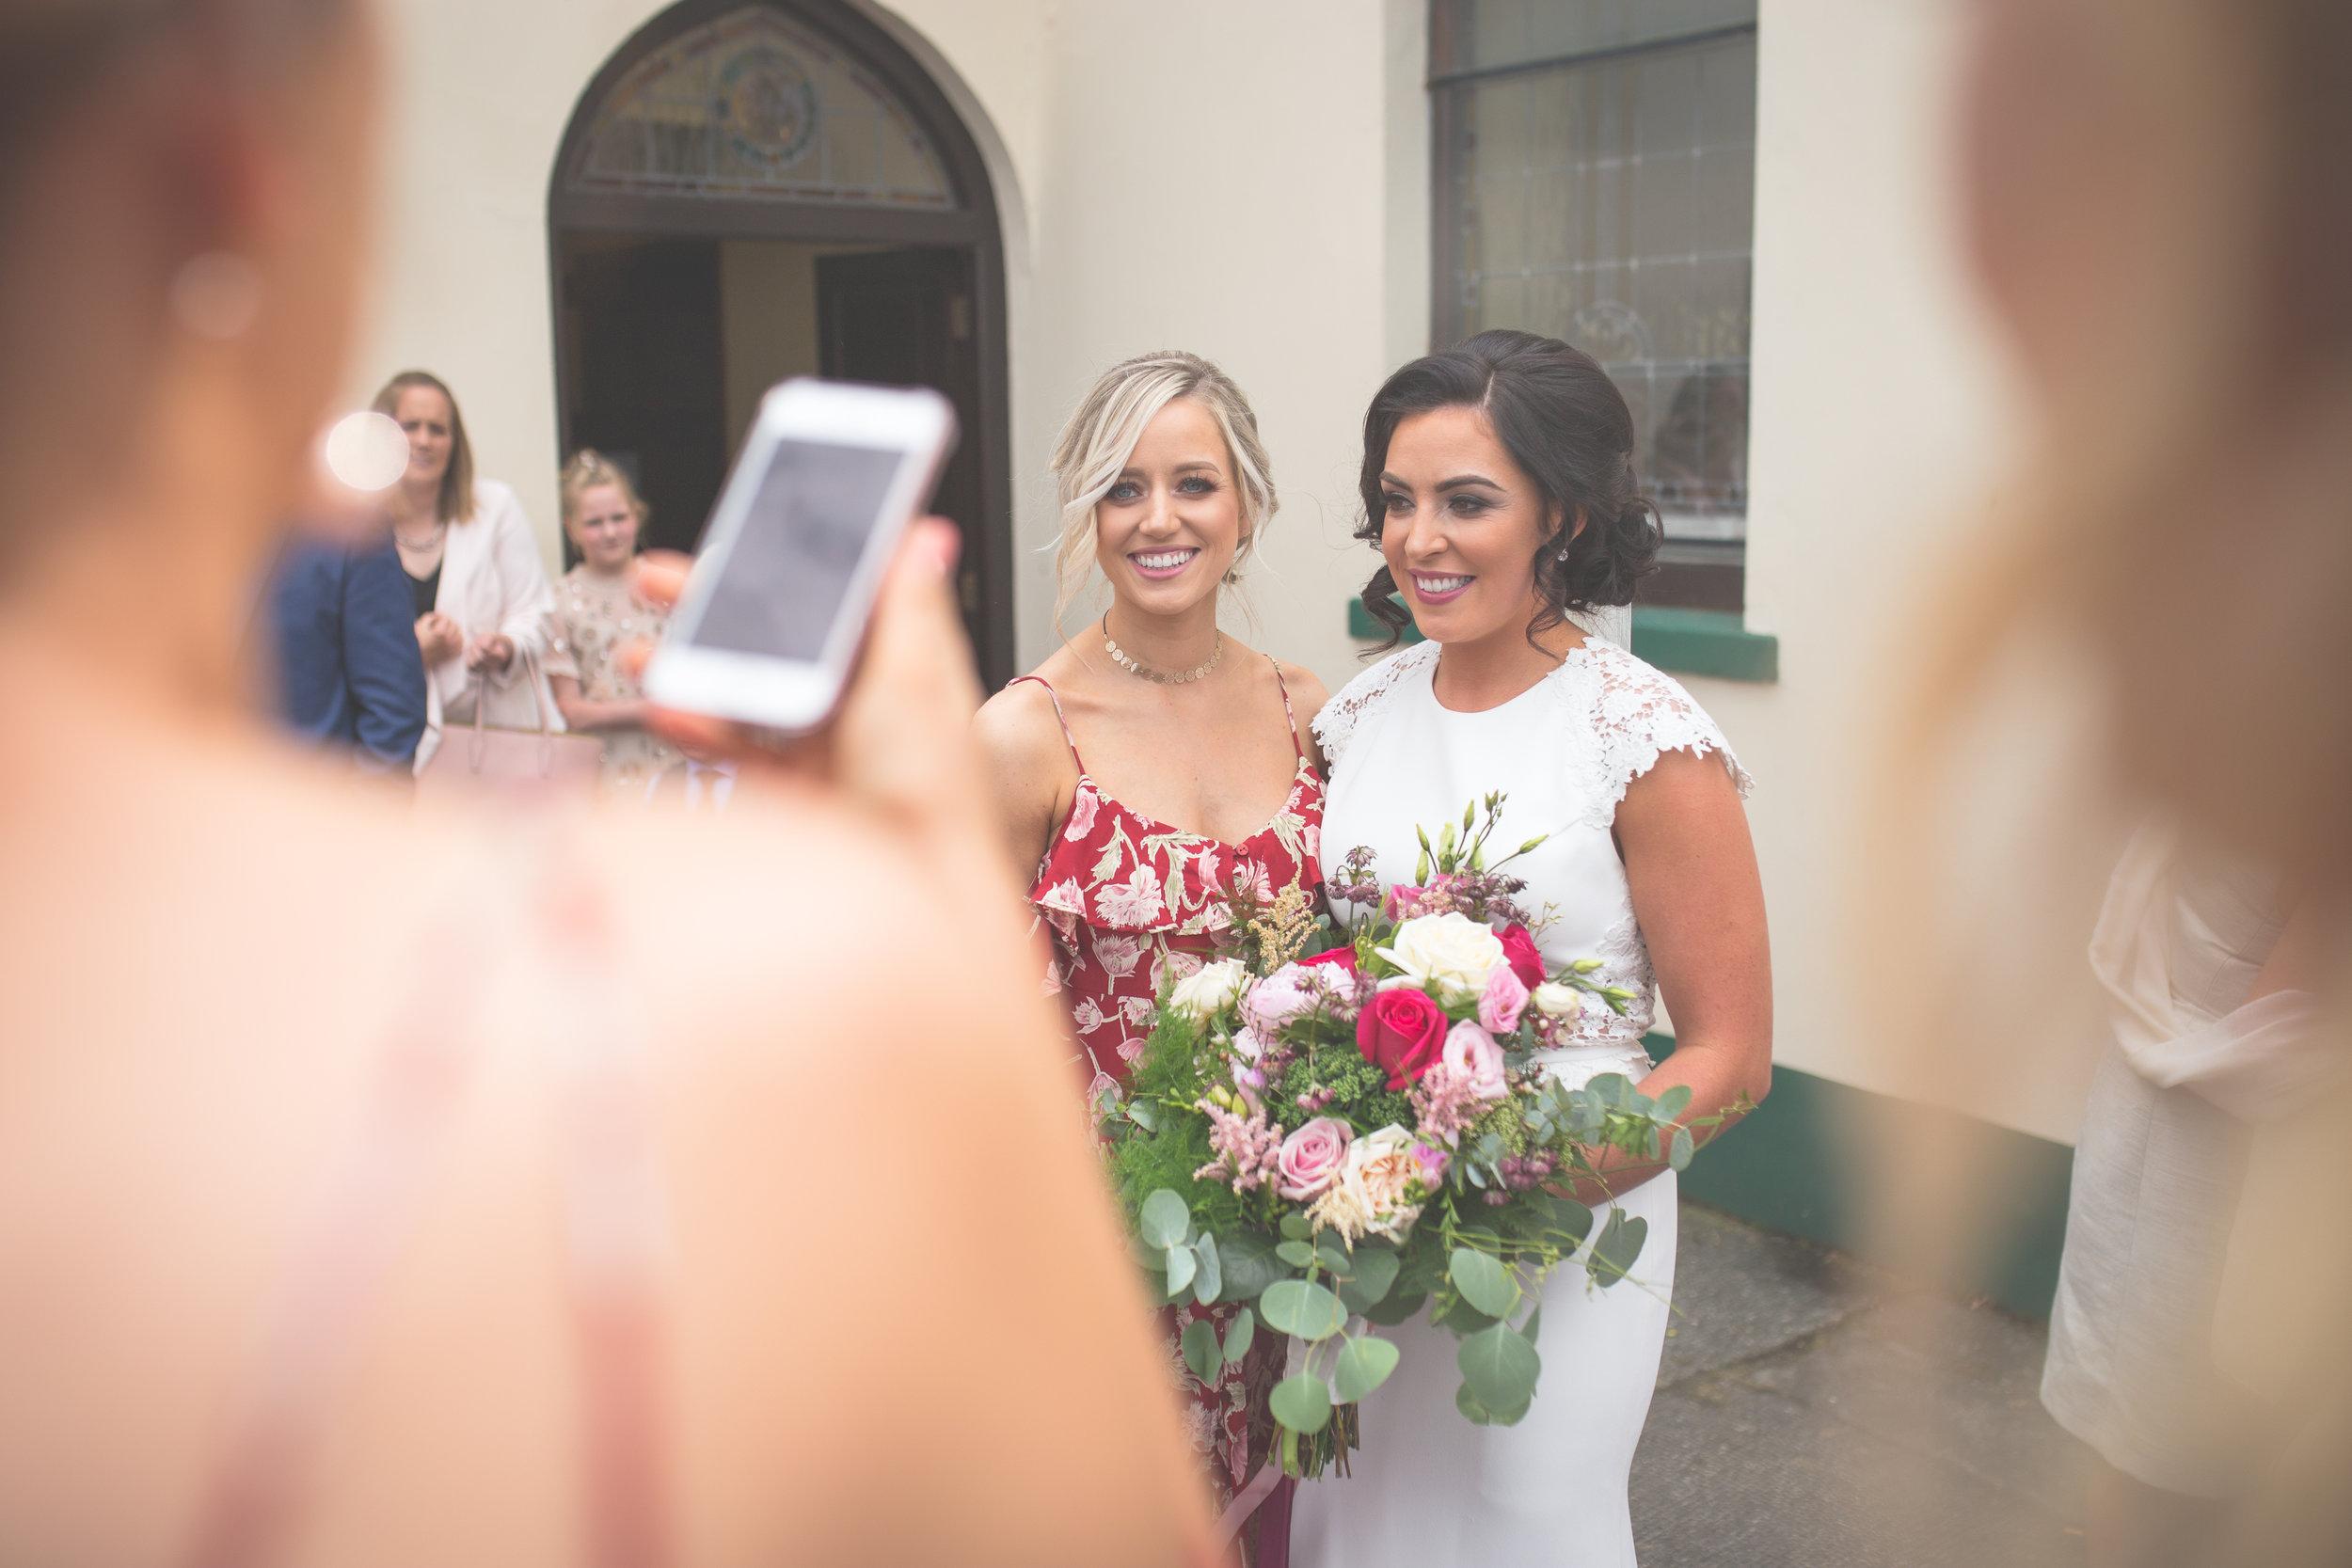 Brian McEwan Wedding Photography   Carol-Anne & Sean   The Ceremony-146.jpg